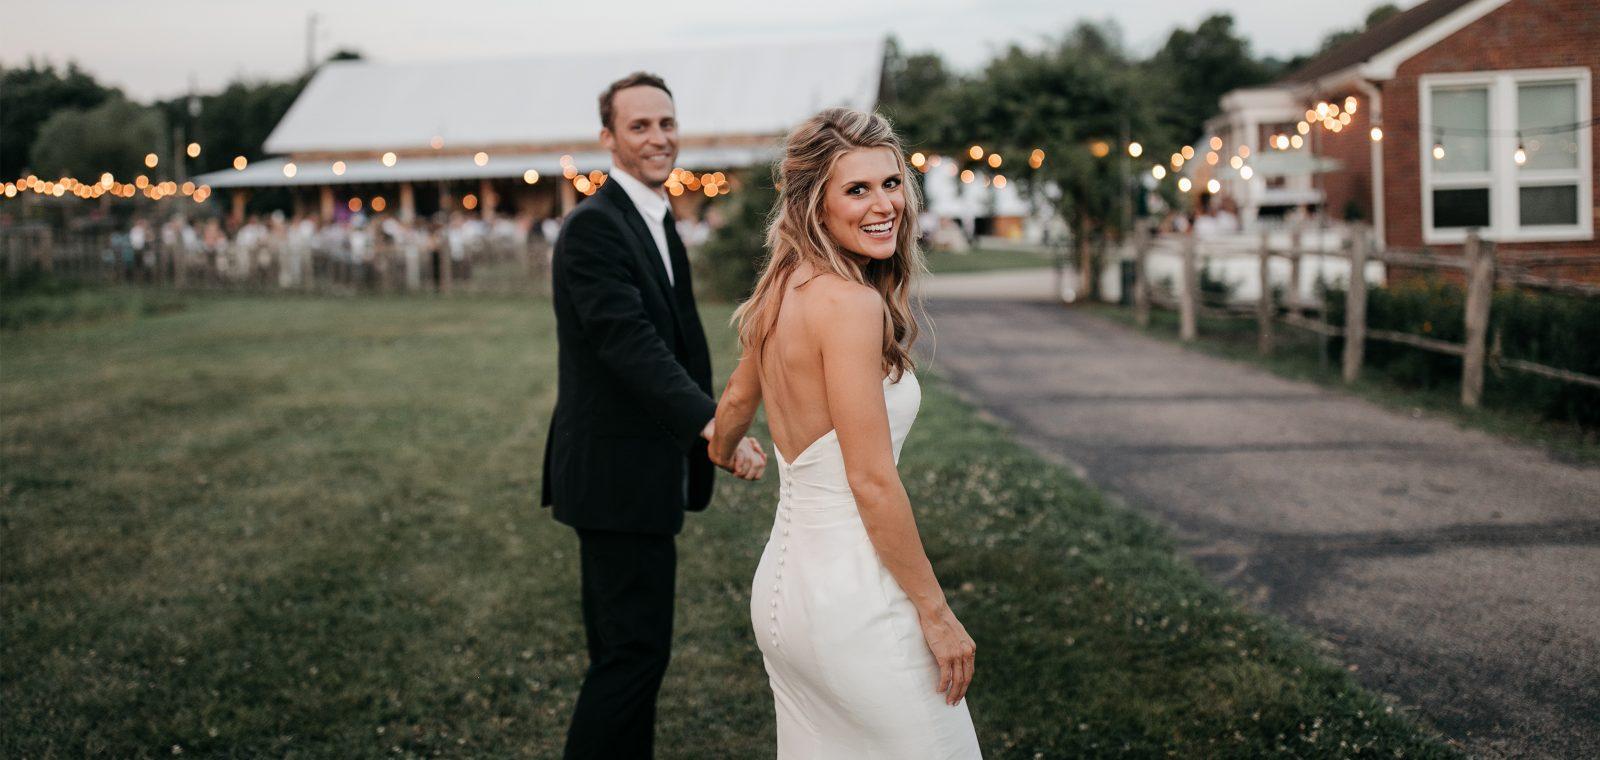 The Old School Wedding – Nashville, TN – Aly & Richie